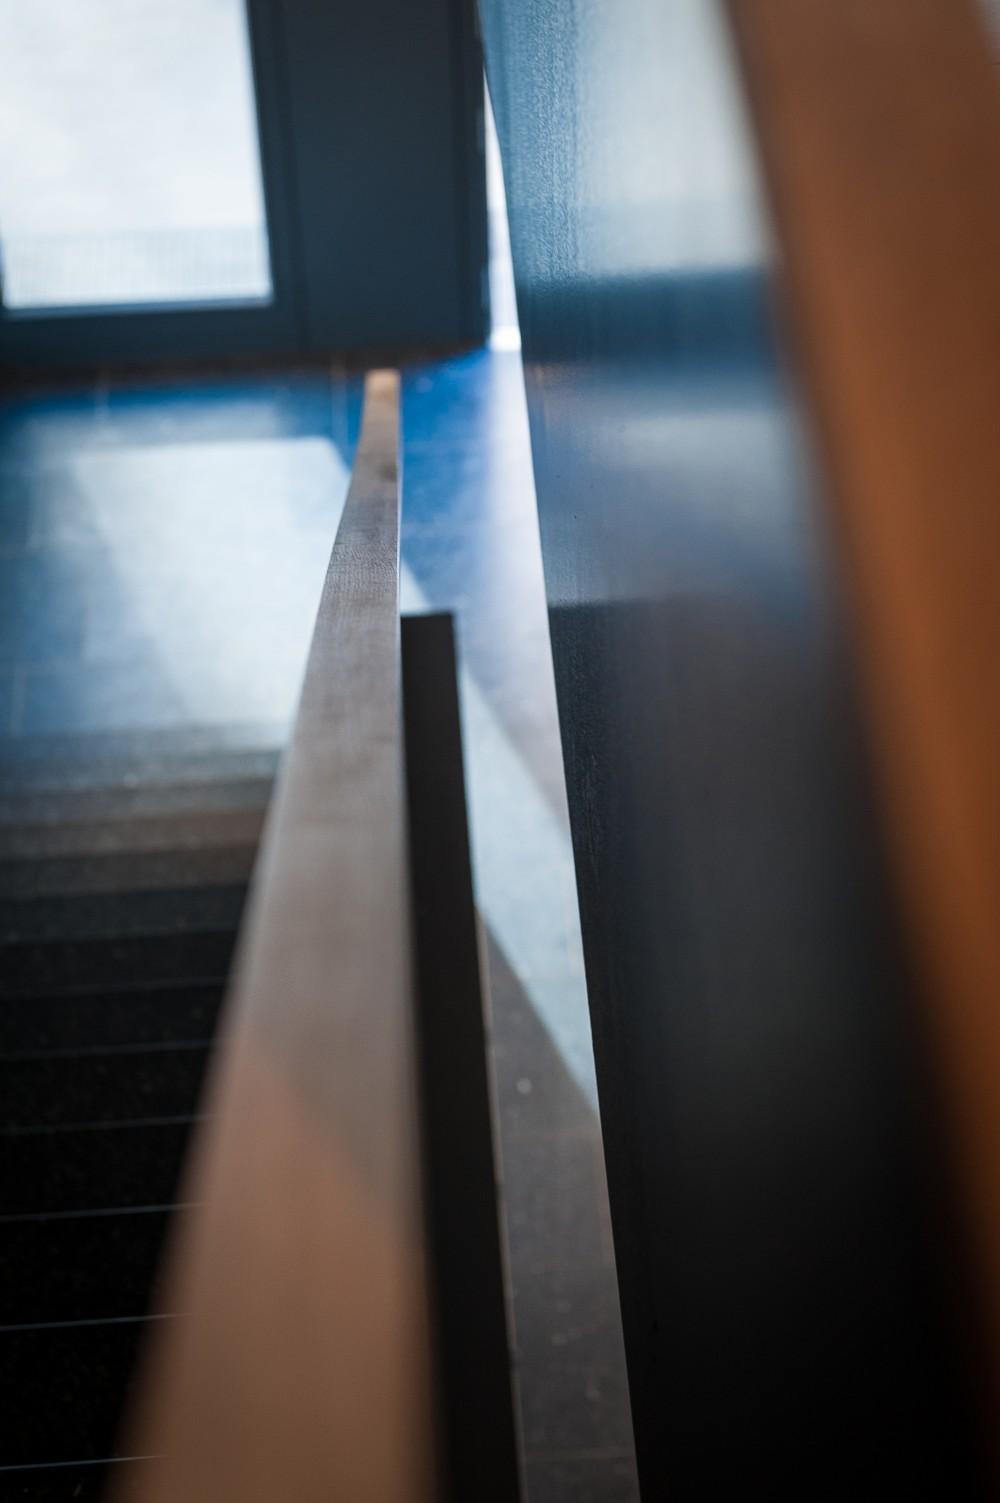 Handlauf der Treppe - abstrakt